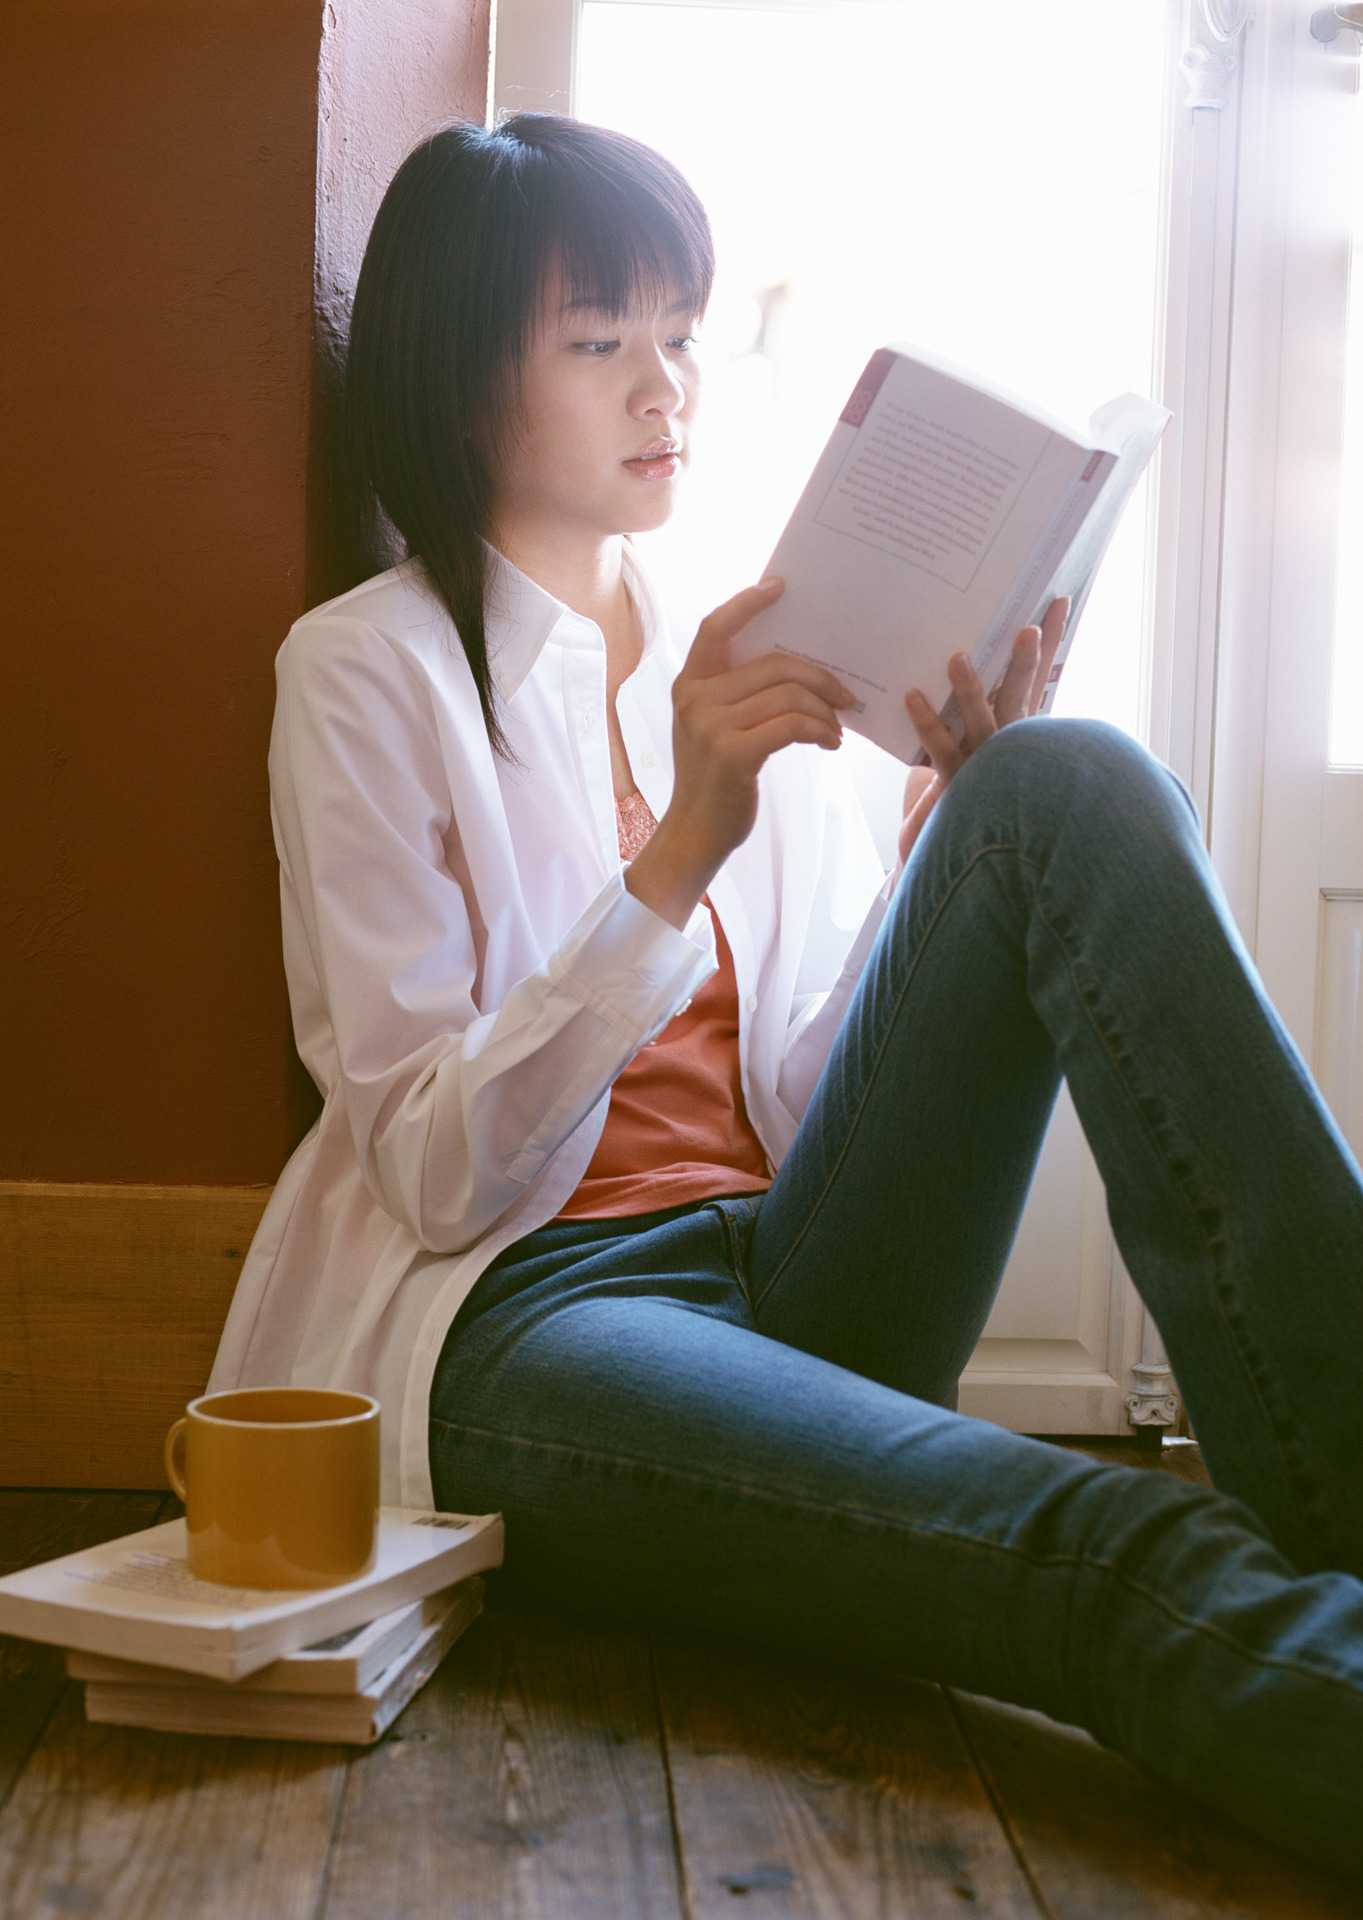 なぜ 勉強 する のか 本